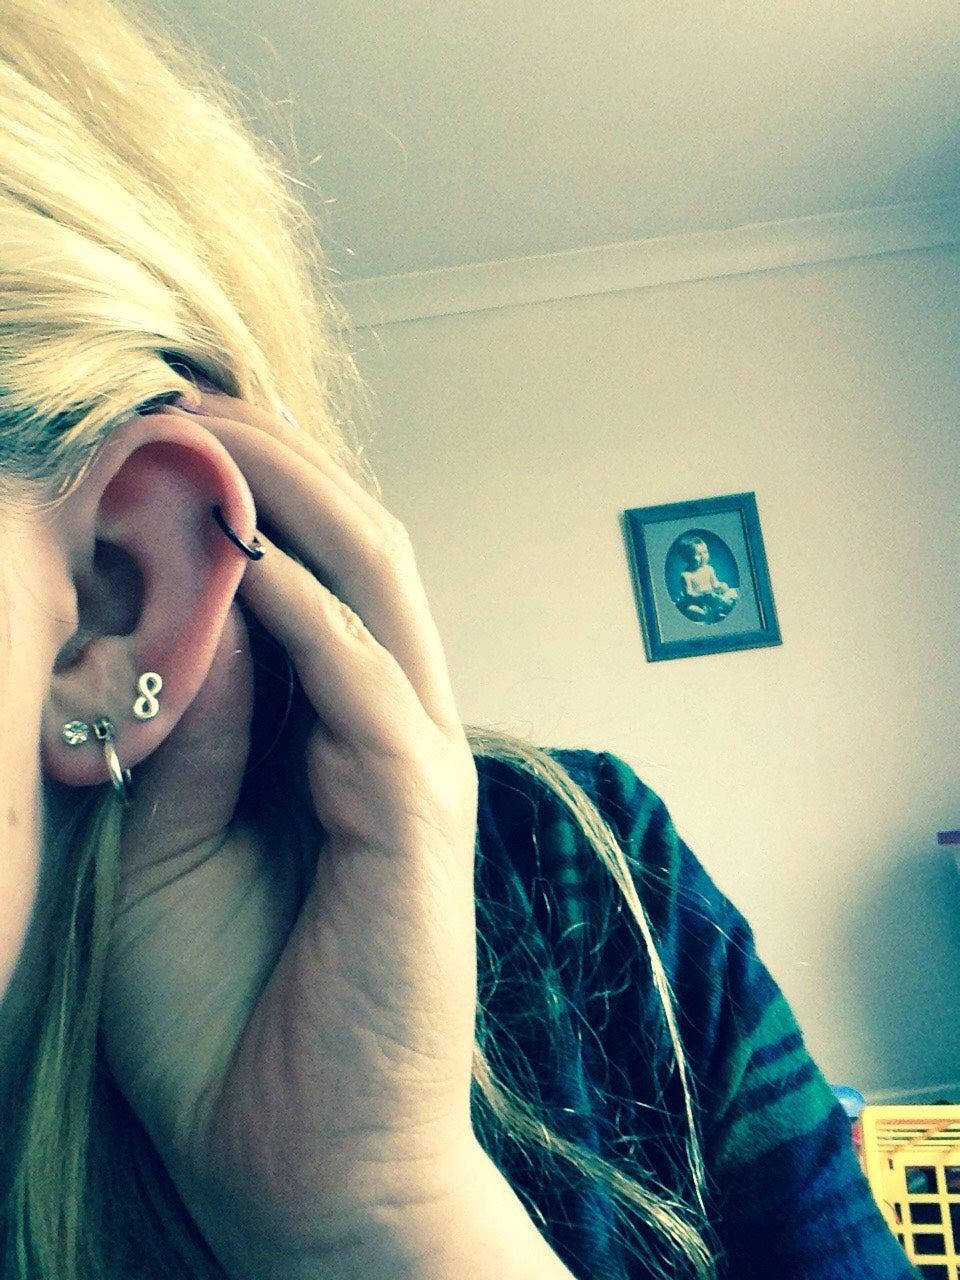 Ear Piercing Help